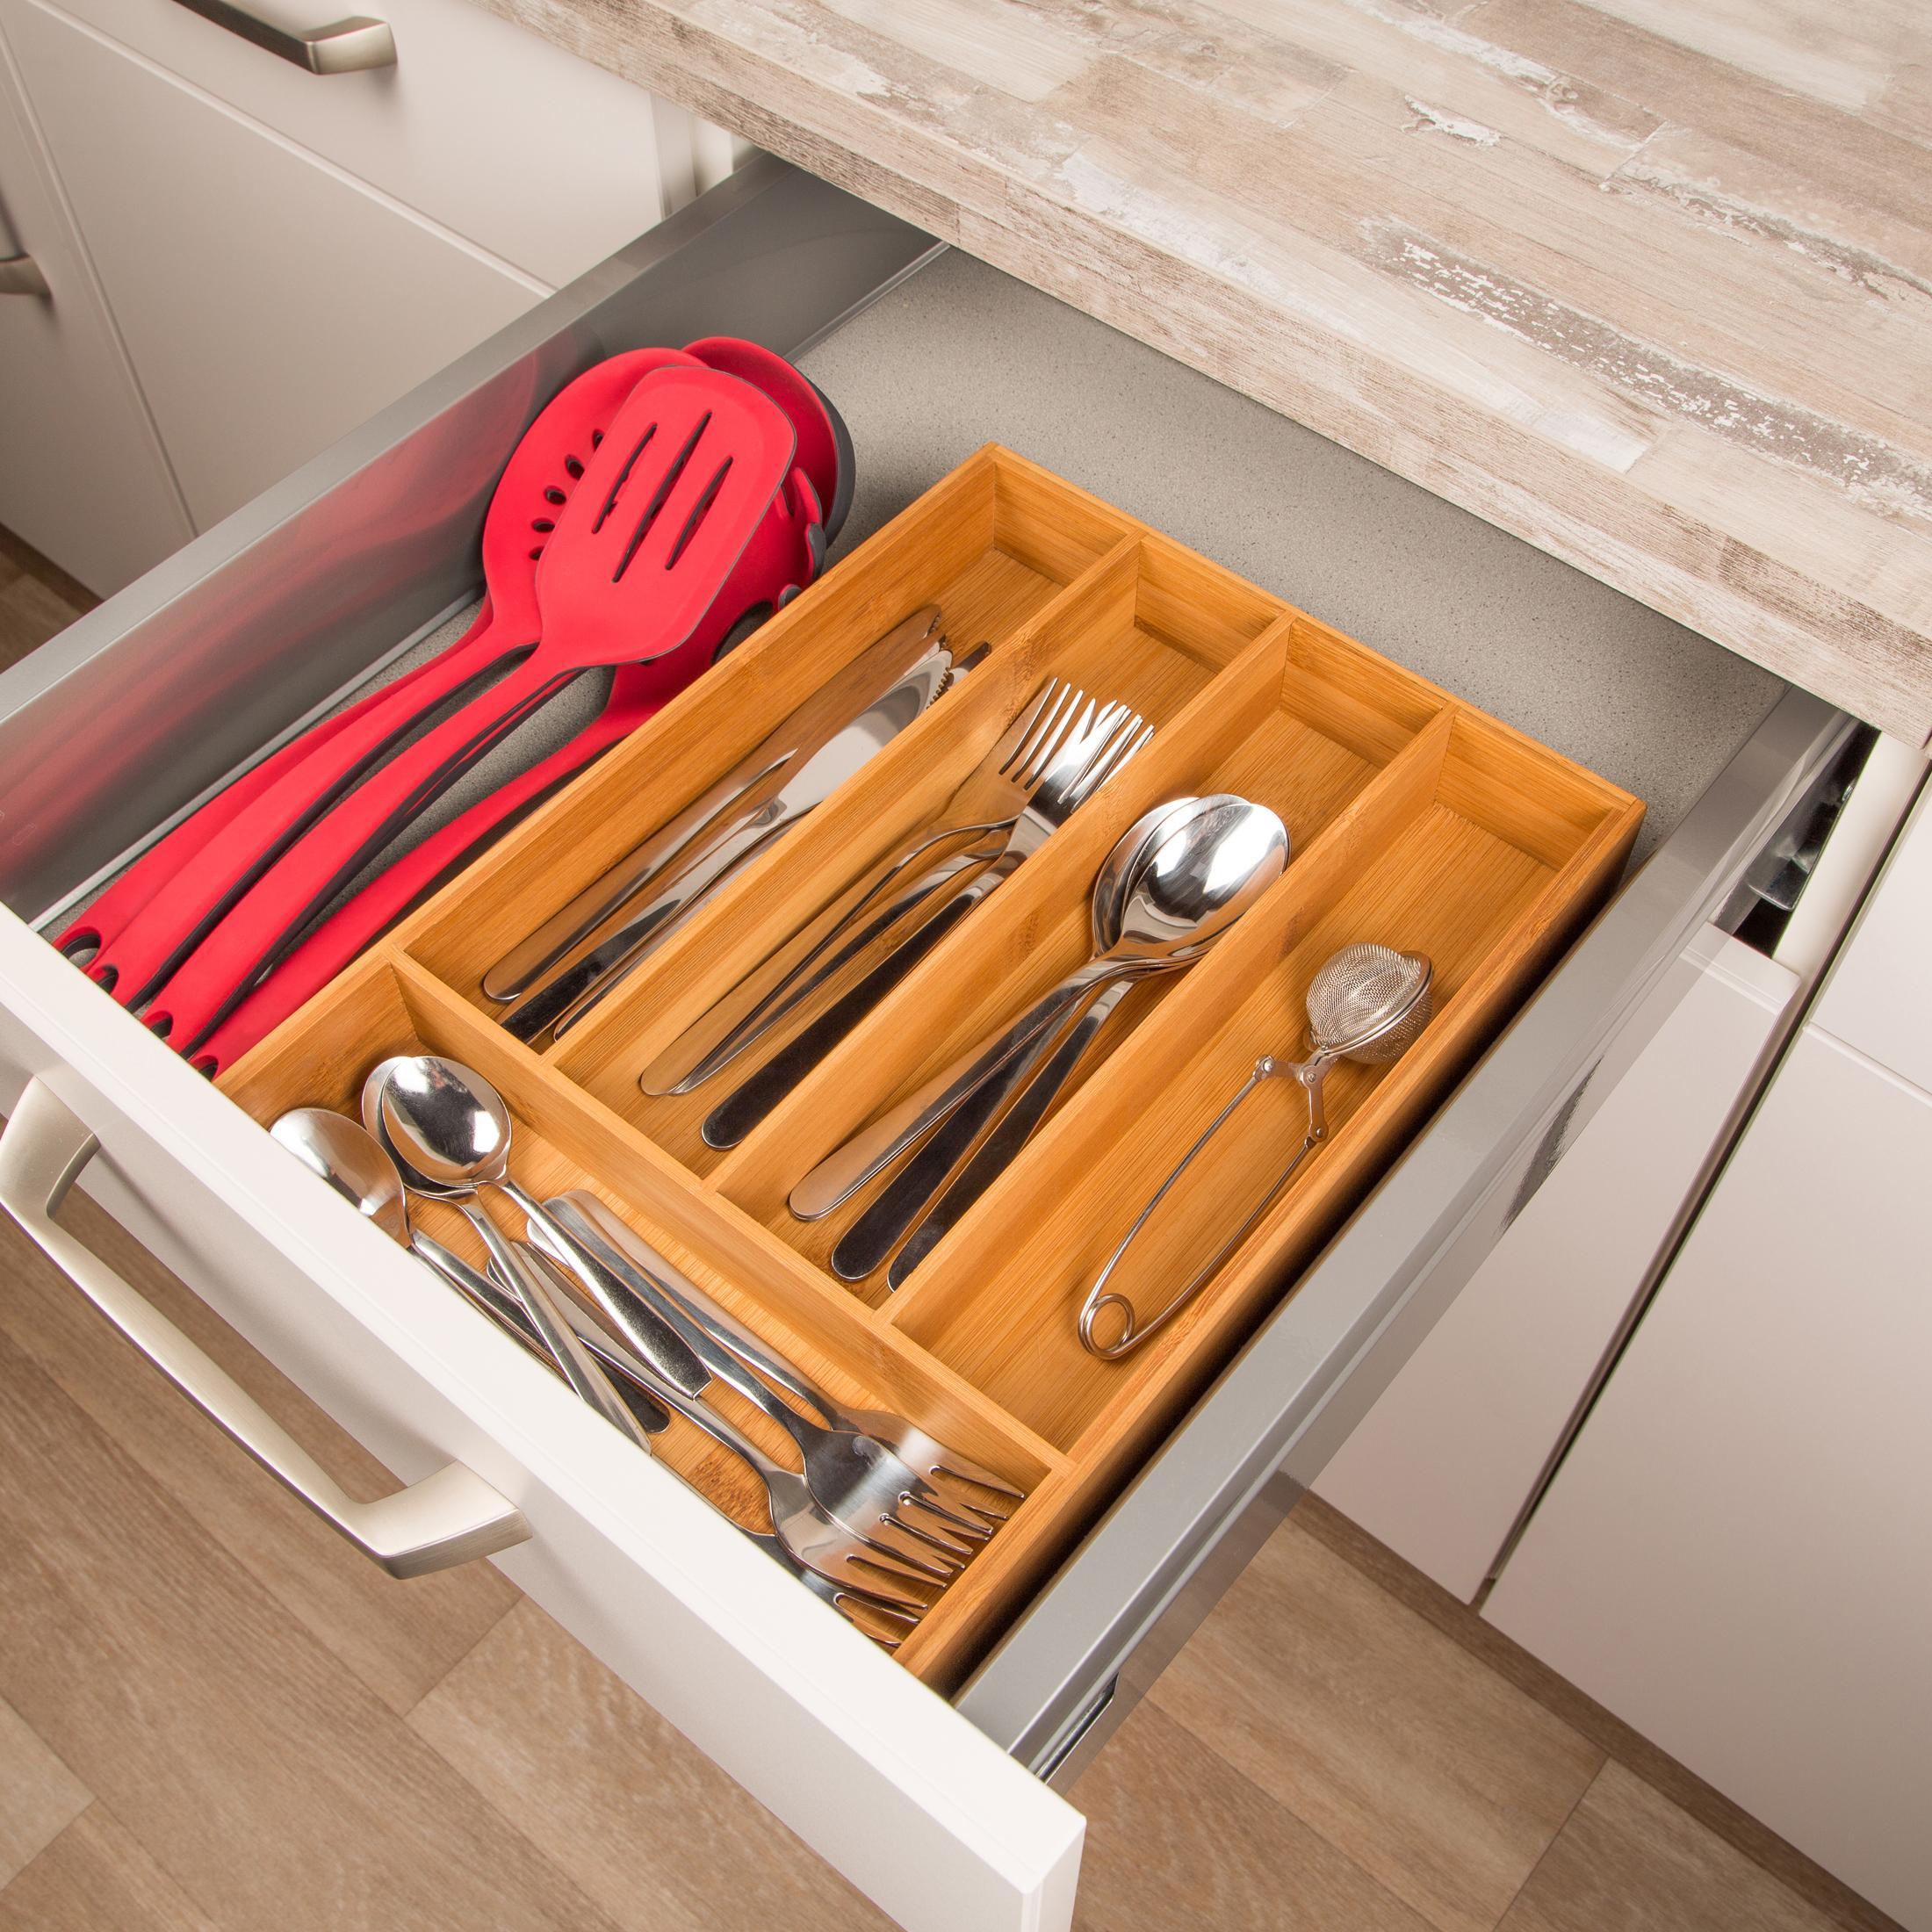 levivo besteckkasten f r schubladen einsatz aus bambus besteckeinsatz f r schublade besteck. Black Bedroom Furniture Sets. Home Design Ideas